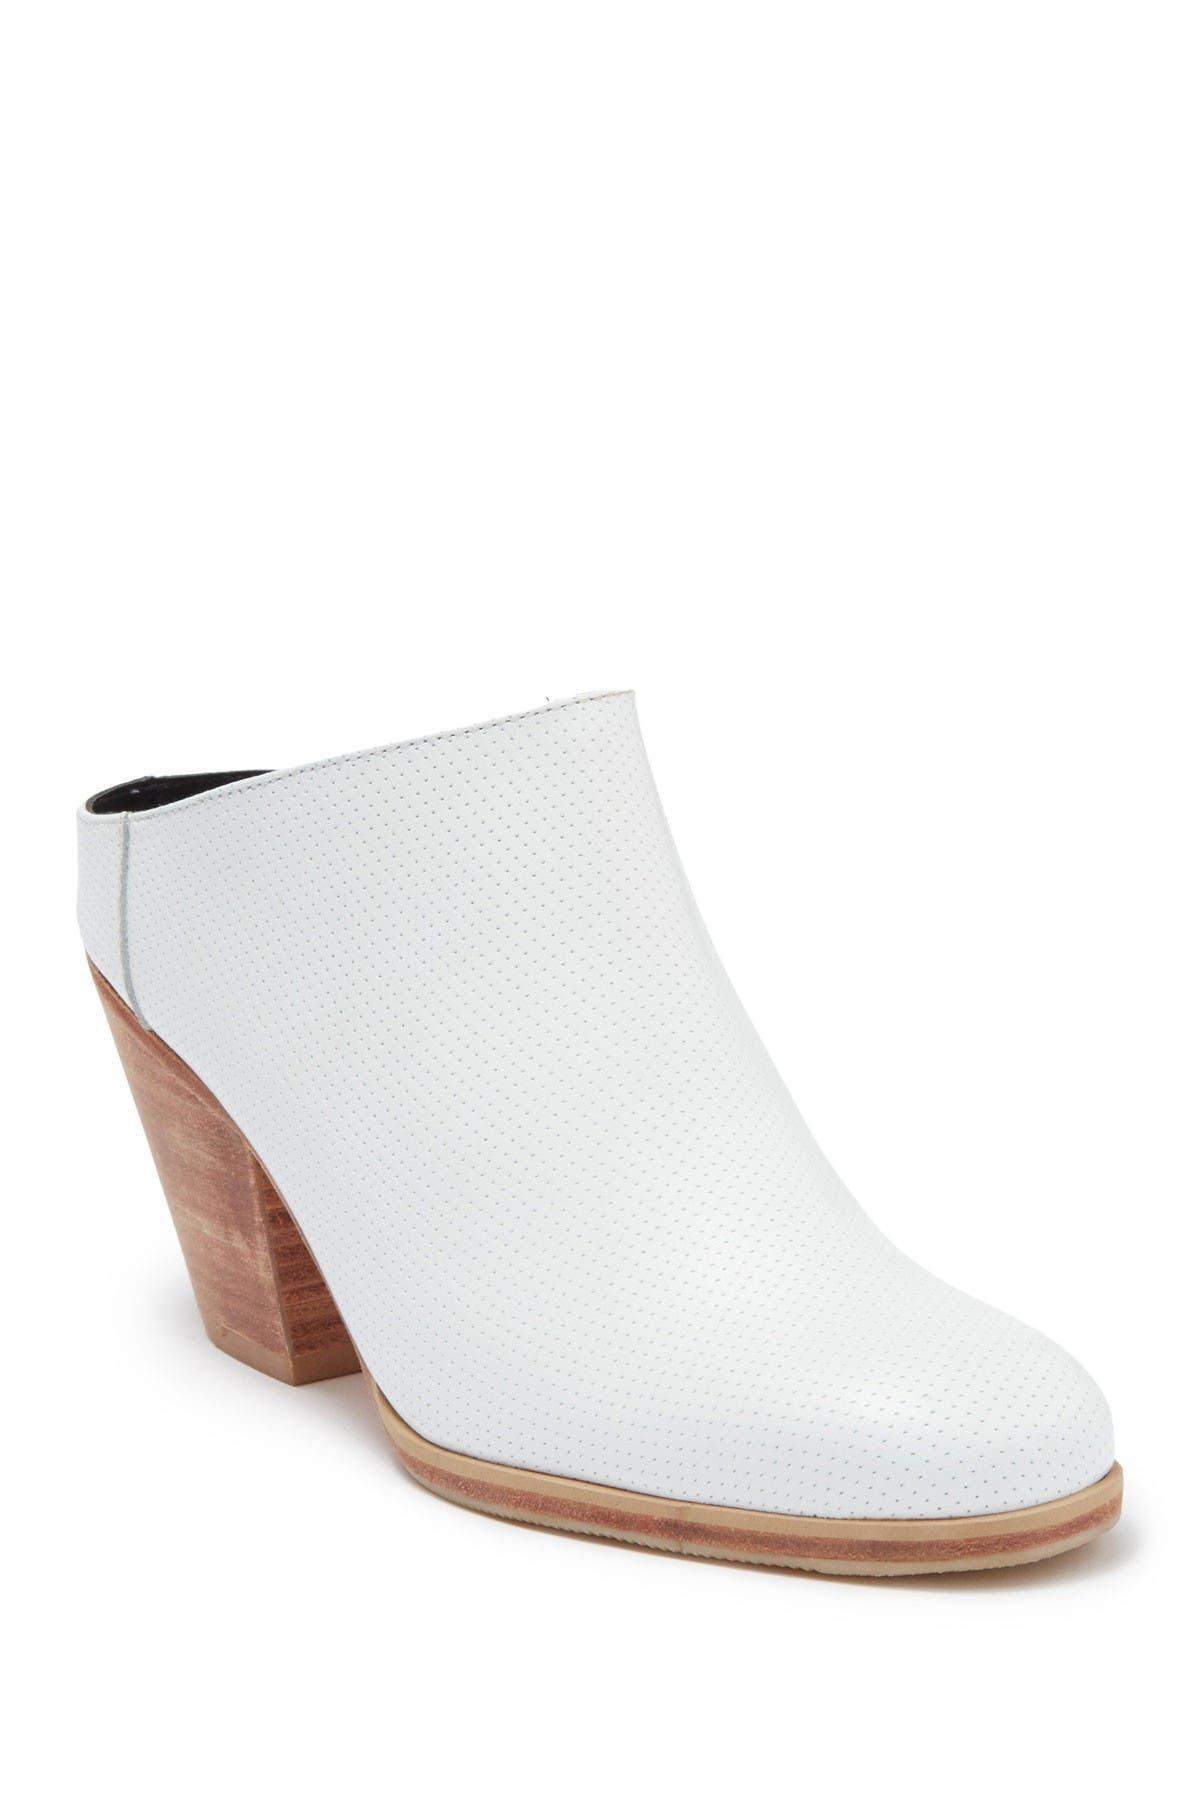 Image of RACHEL COMEY Mars Leather Block Heel Mule